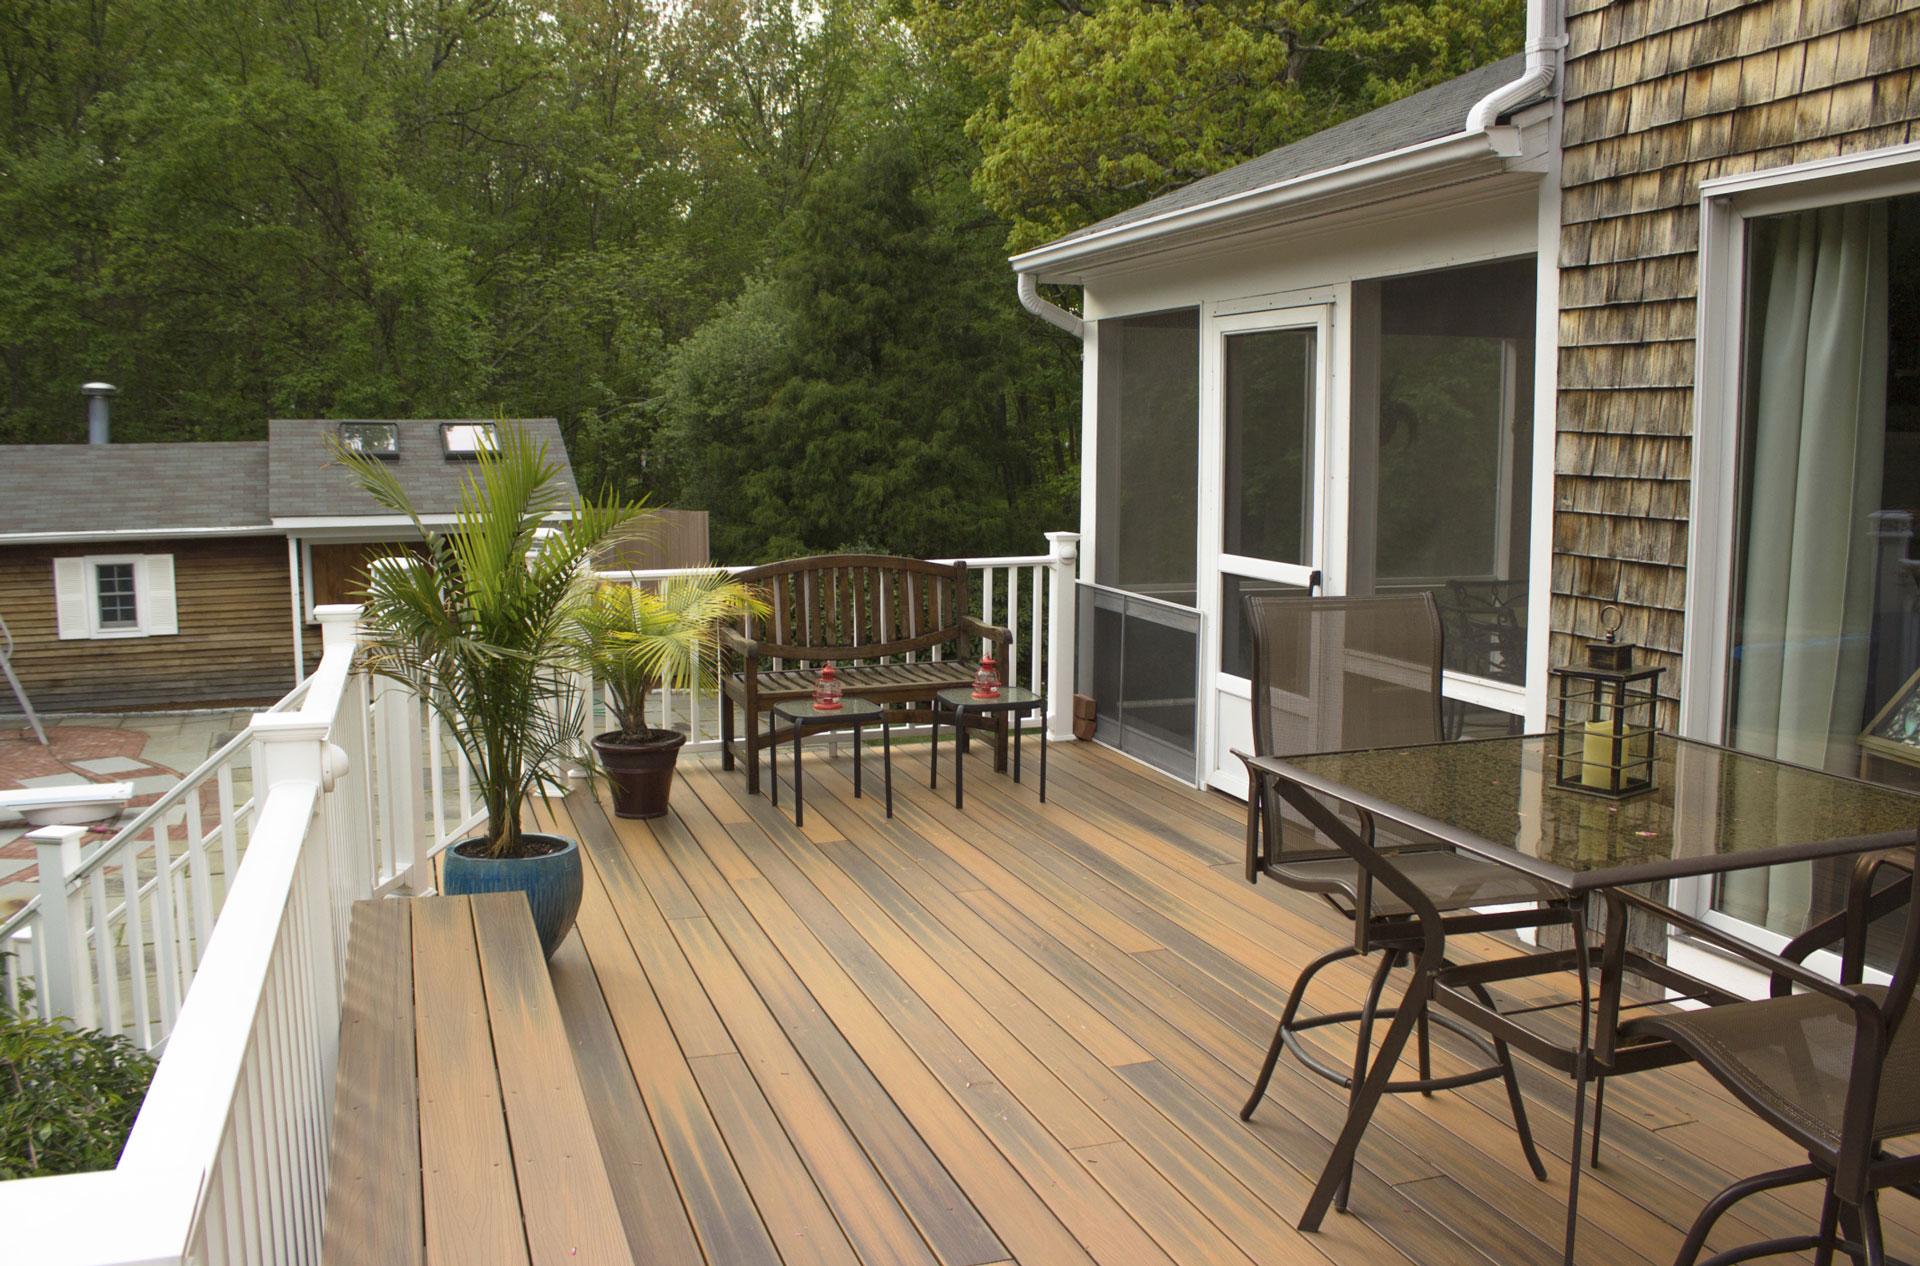 An oversized outdoor deck